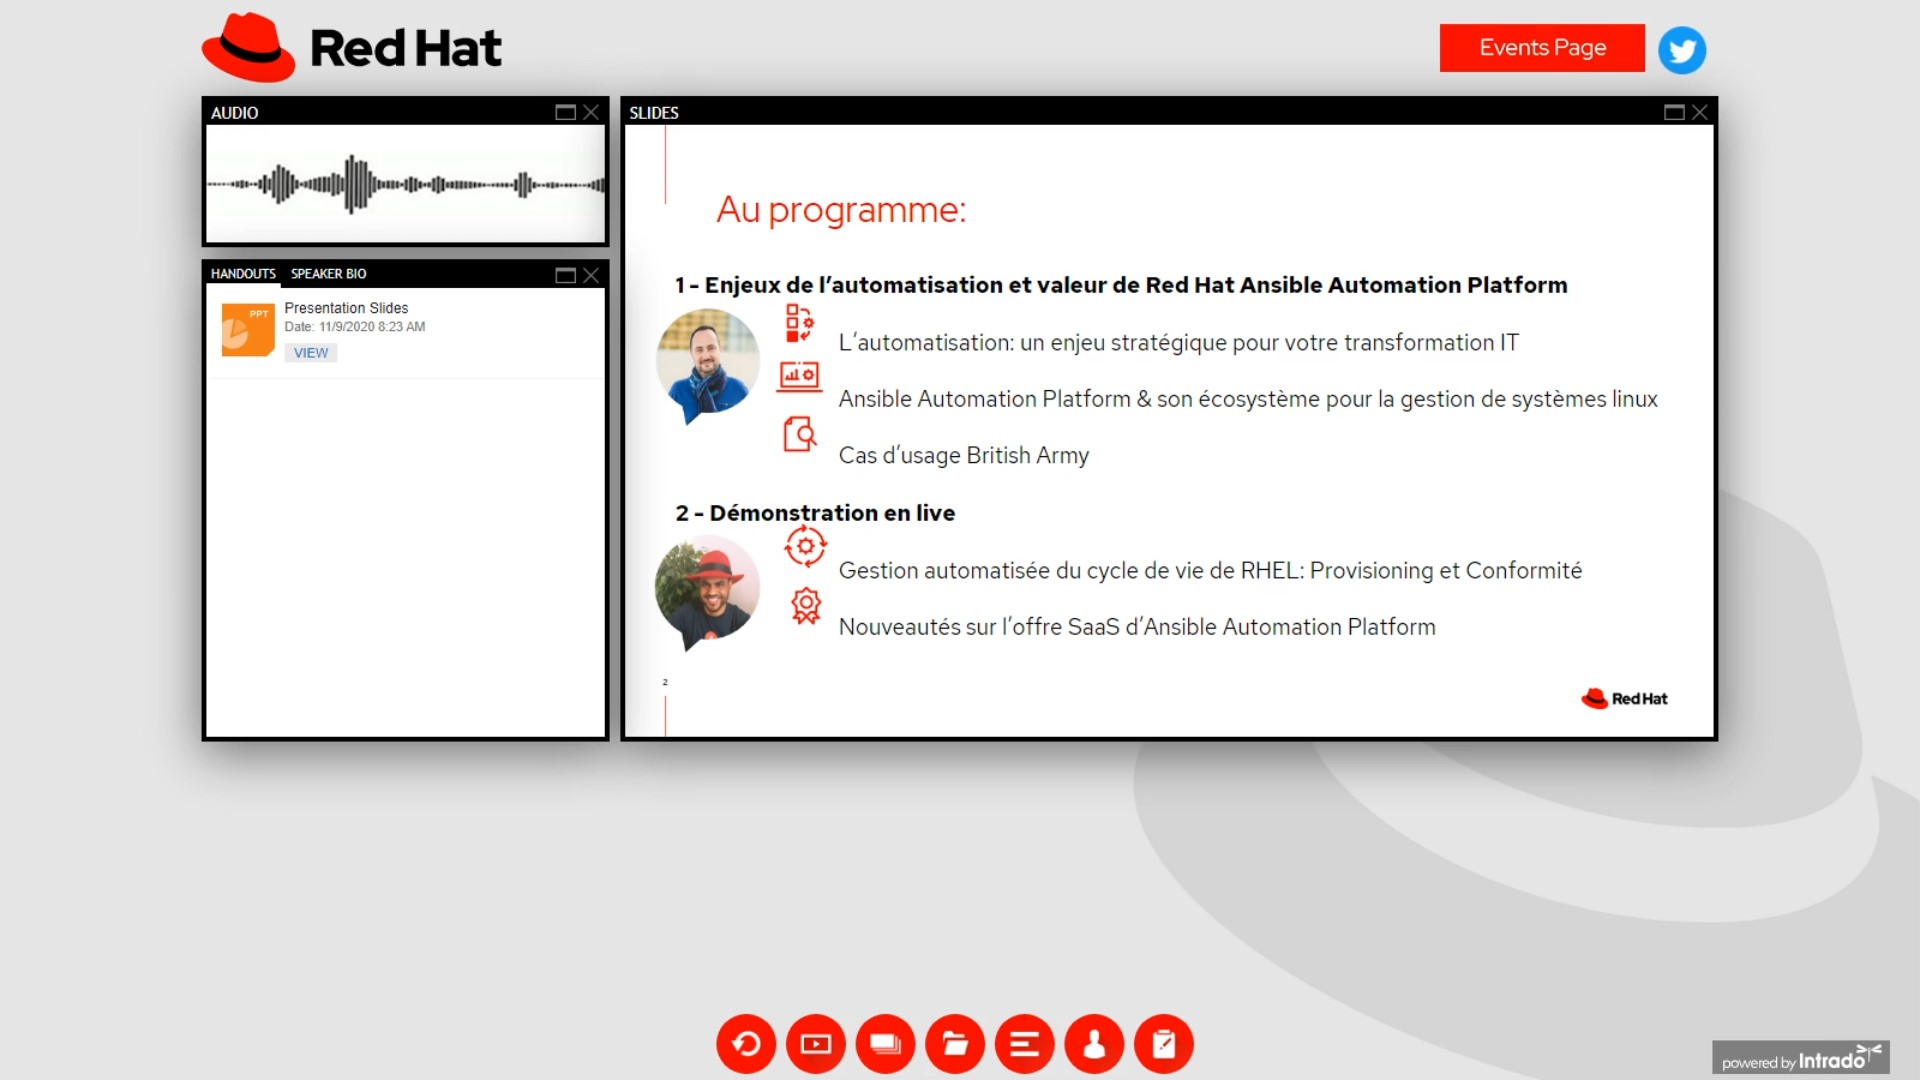 Gestion industrialisée du cycle de vie de l'automatisation dans l'écosystème Red Hat avec Ansible Automation Platform